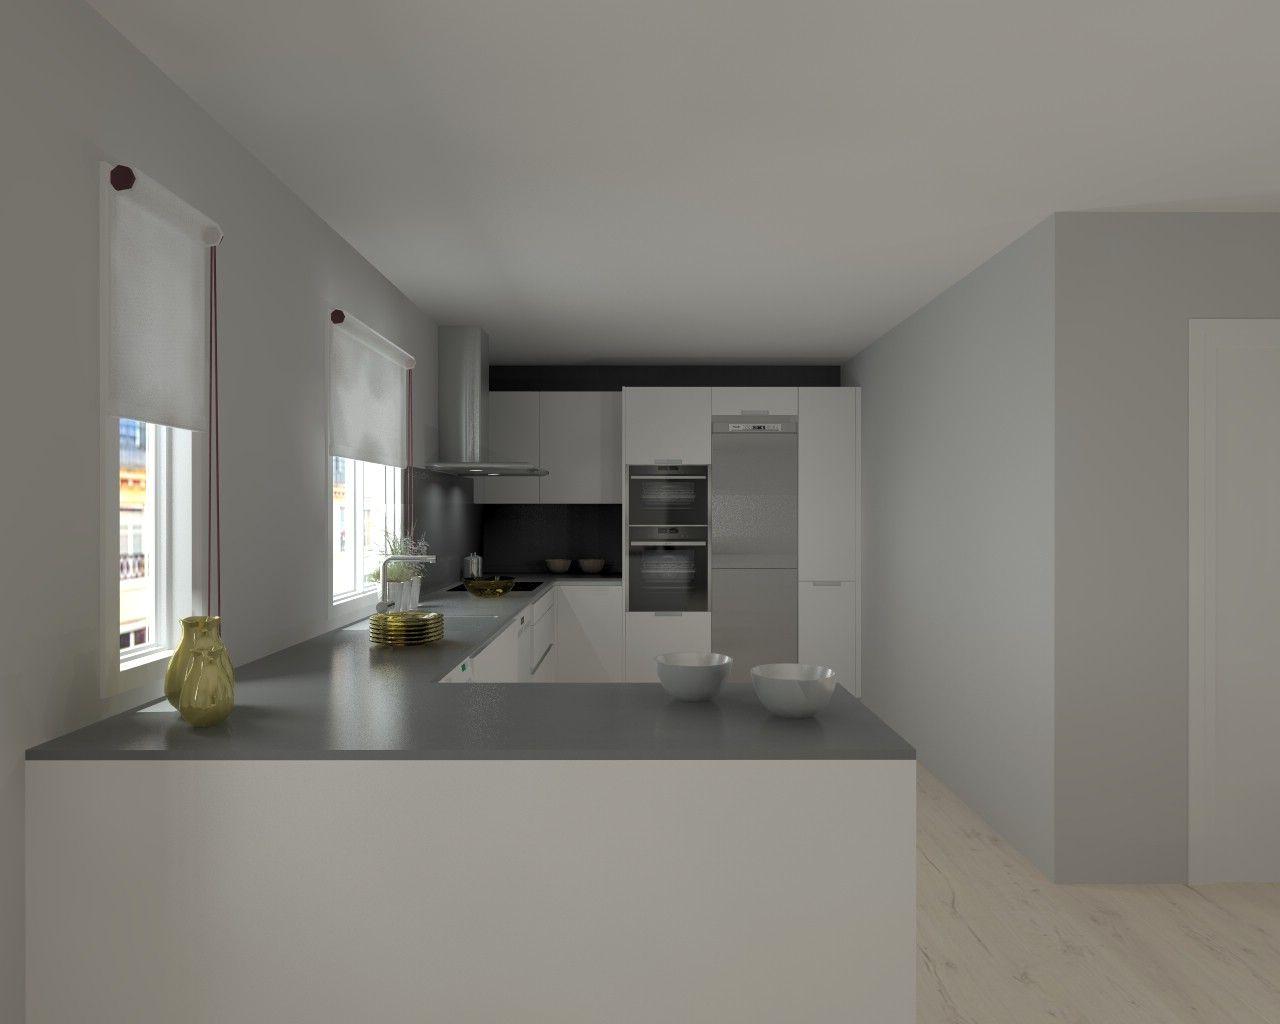 Cocina santos modelo line e encimera silestone cemento - Encimera silestone ...